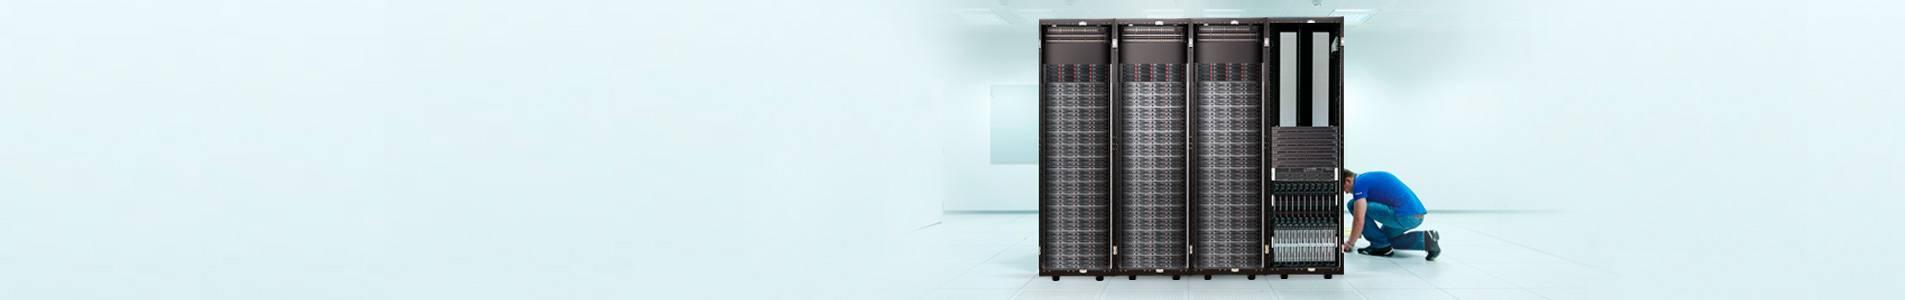 datacenter-nexus-consultoria